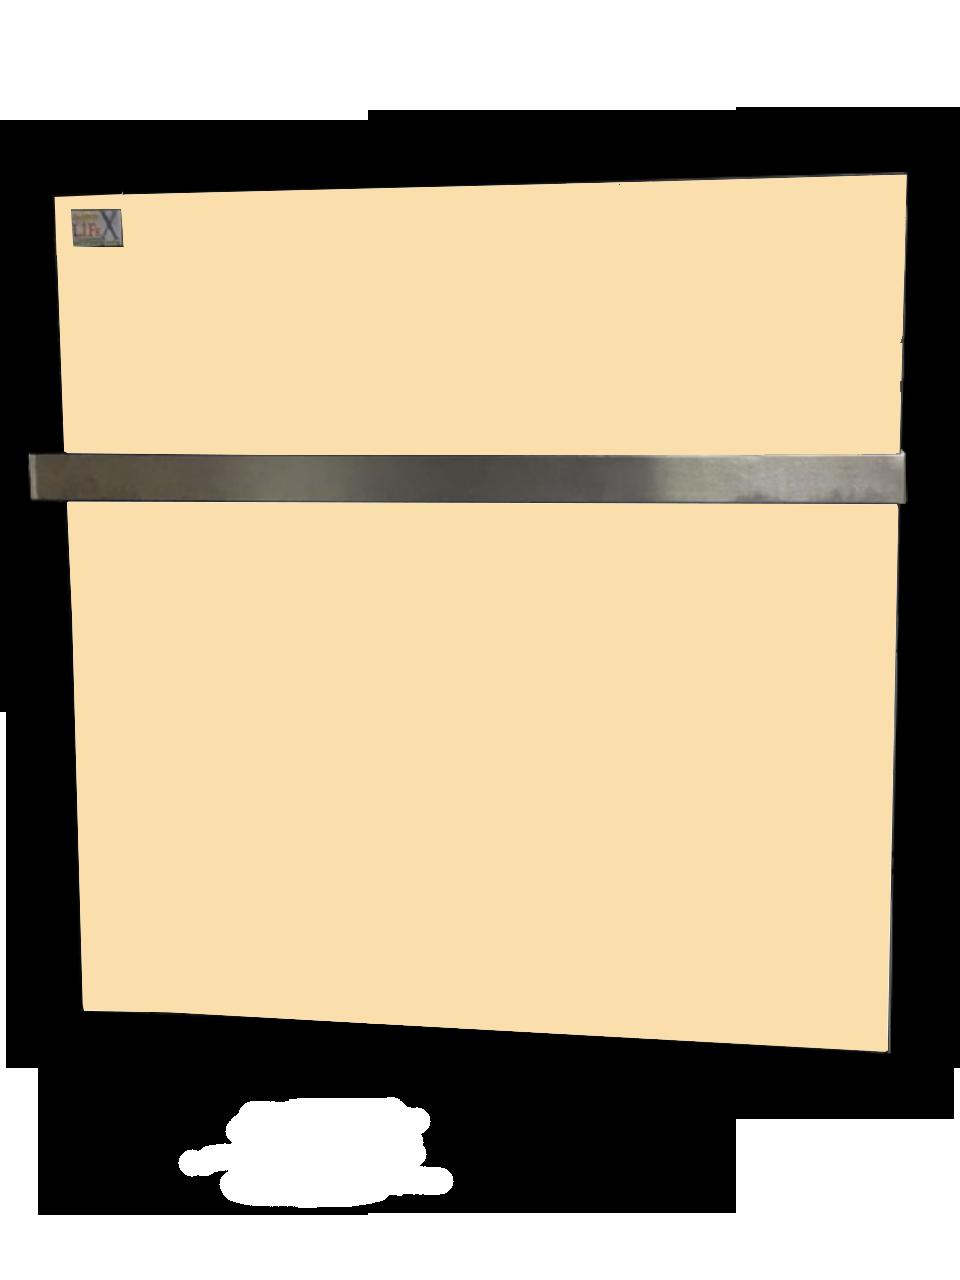 Керамический полотенцесушитель с терморегулятором LIFEX ПСК400 (бежевый)